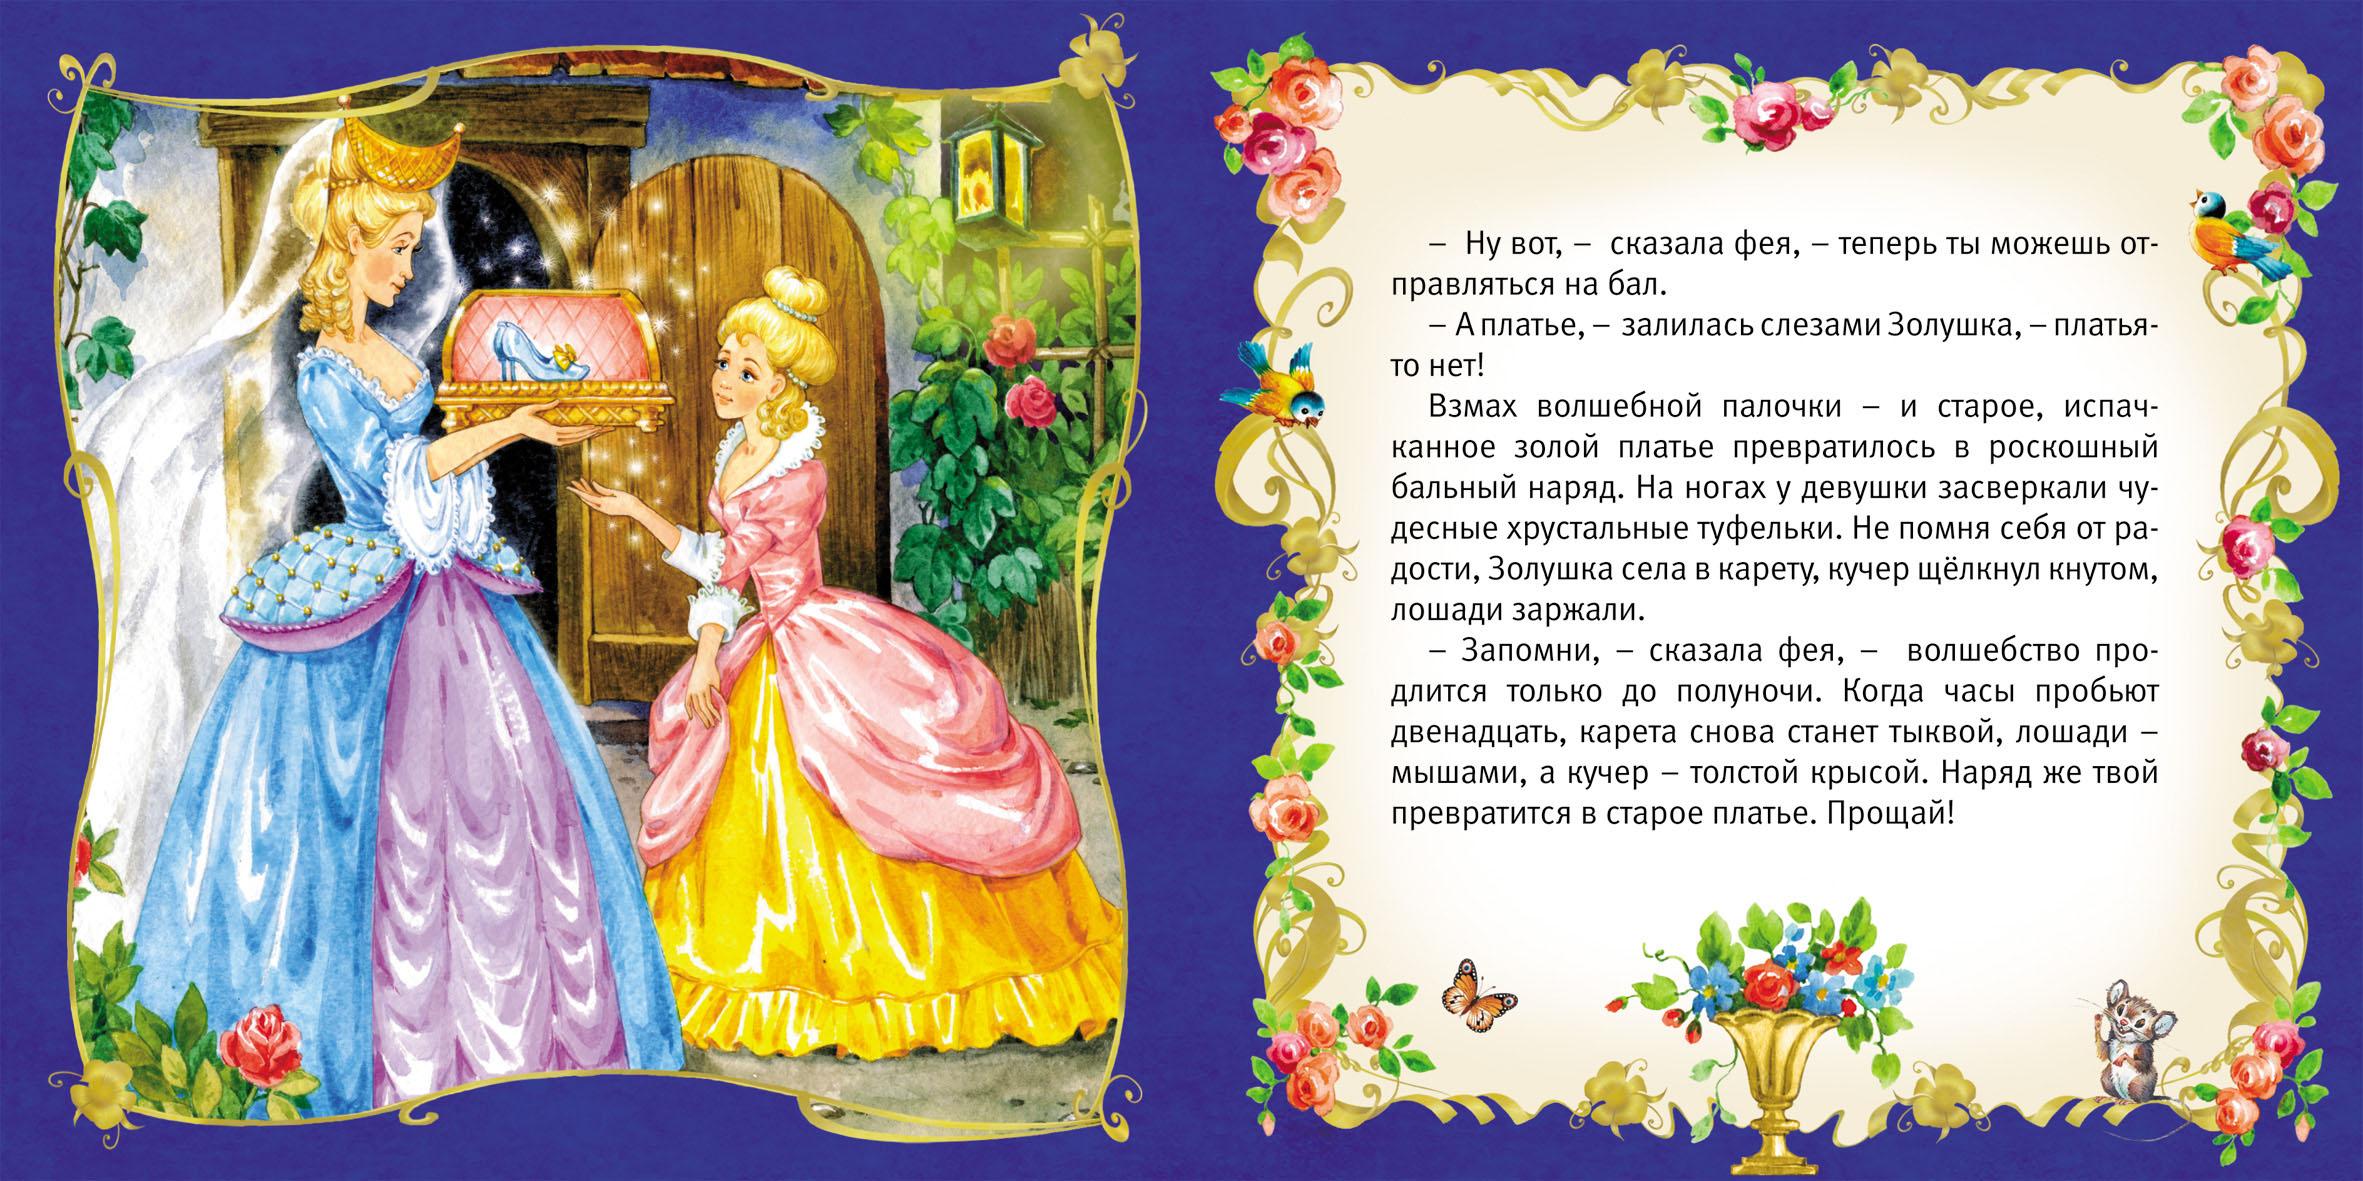 Сказка книга золушка с картинками